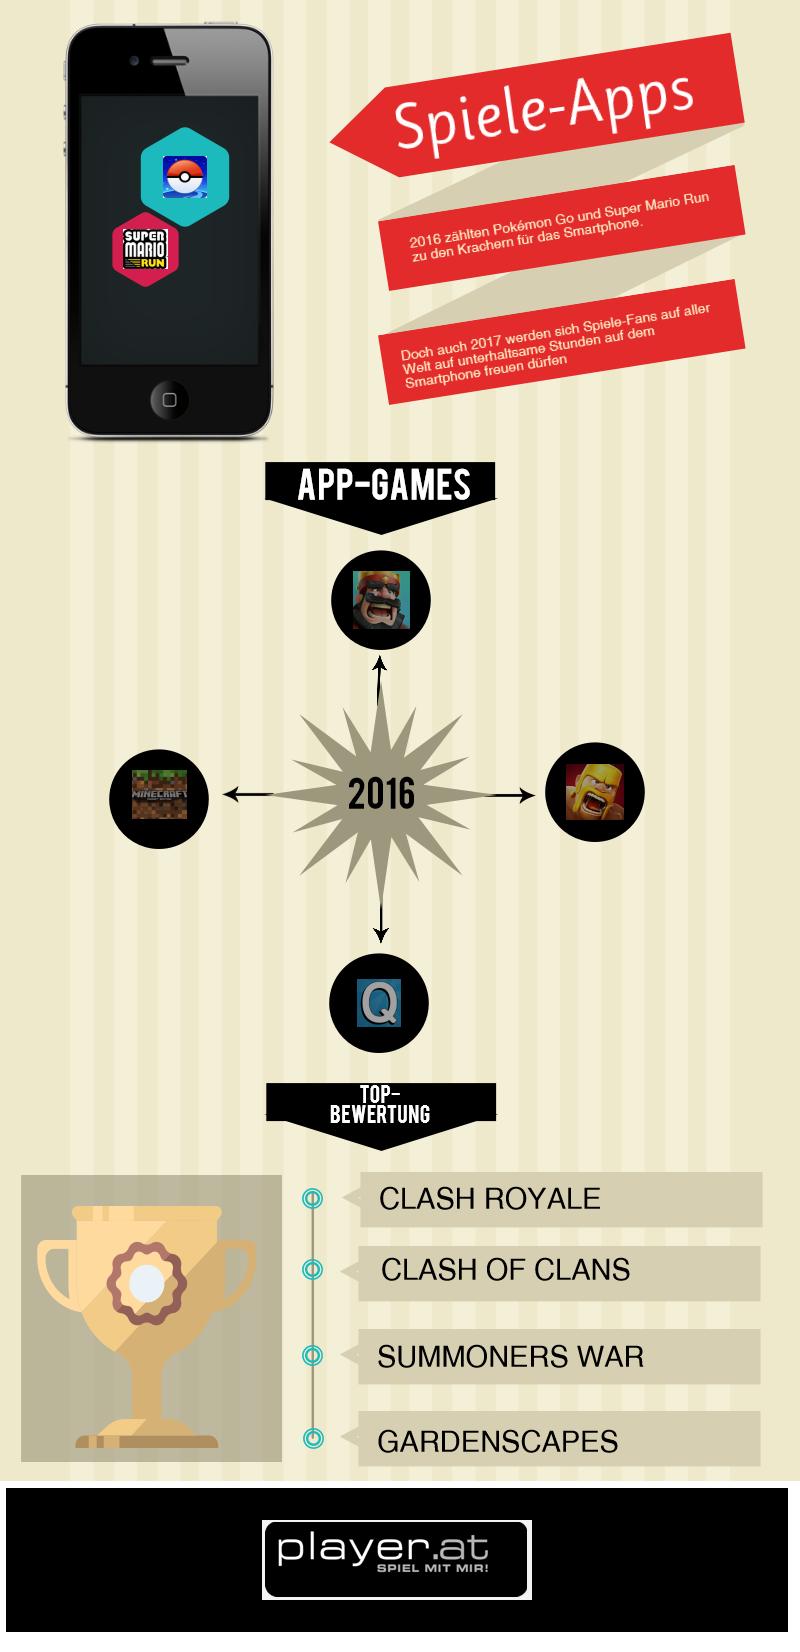 Das sind die App-Gaming-Highlights des Jahres.  Infografikquelle: player.at